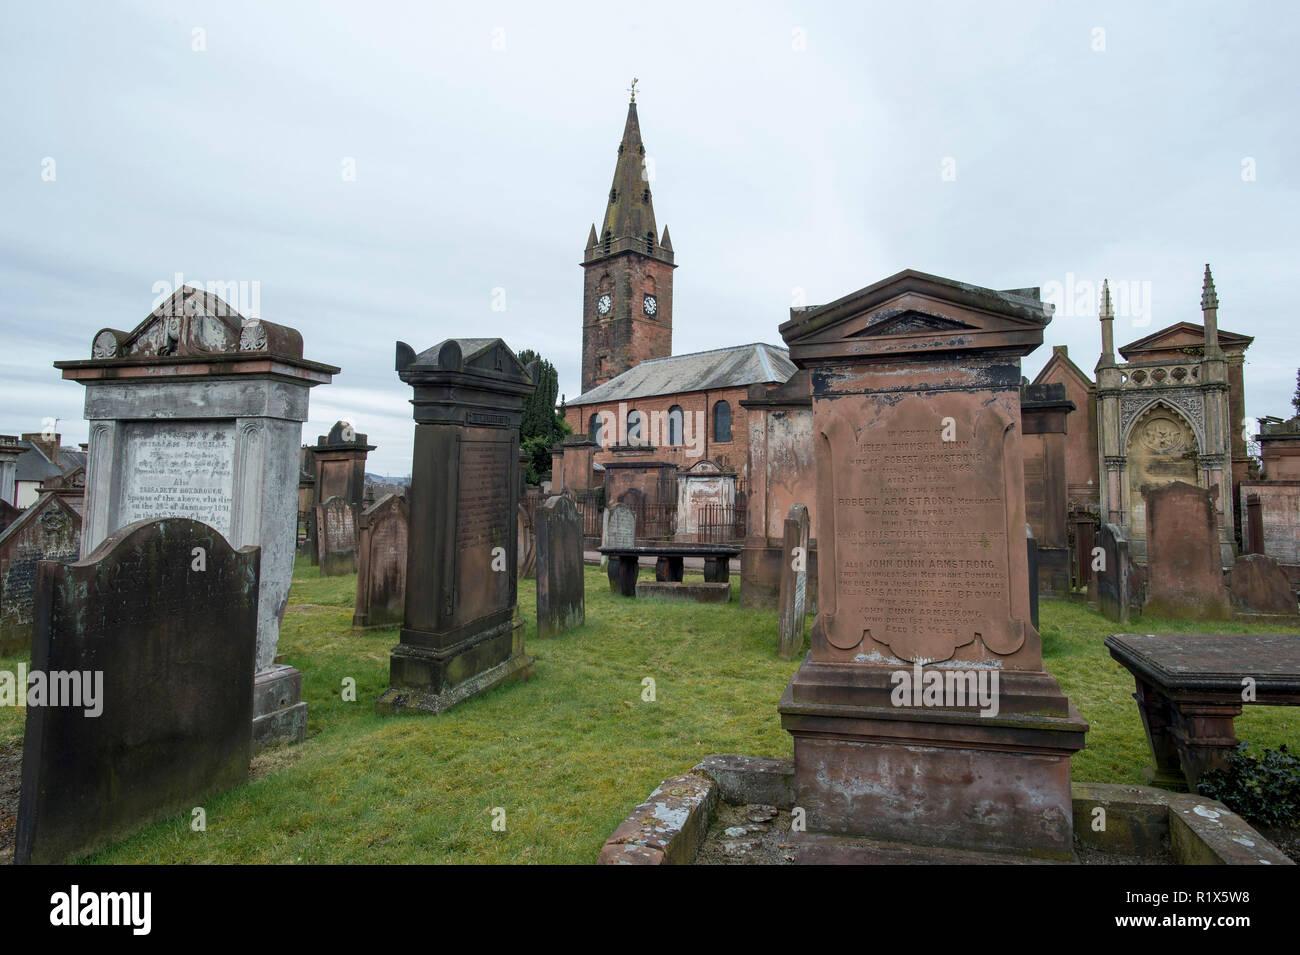 Dumfries, Dumfries & Galloway, Scotland. St Michael's Churchyard where Robert Burns was buried. Stock Photo